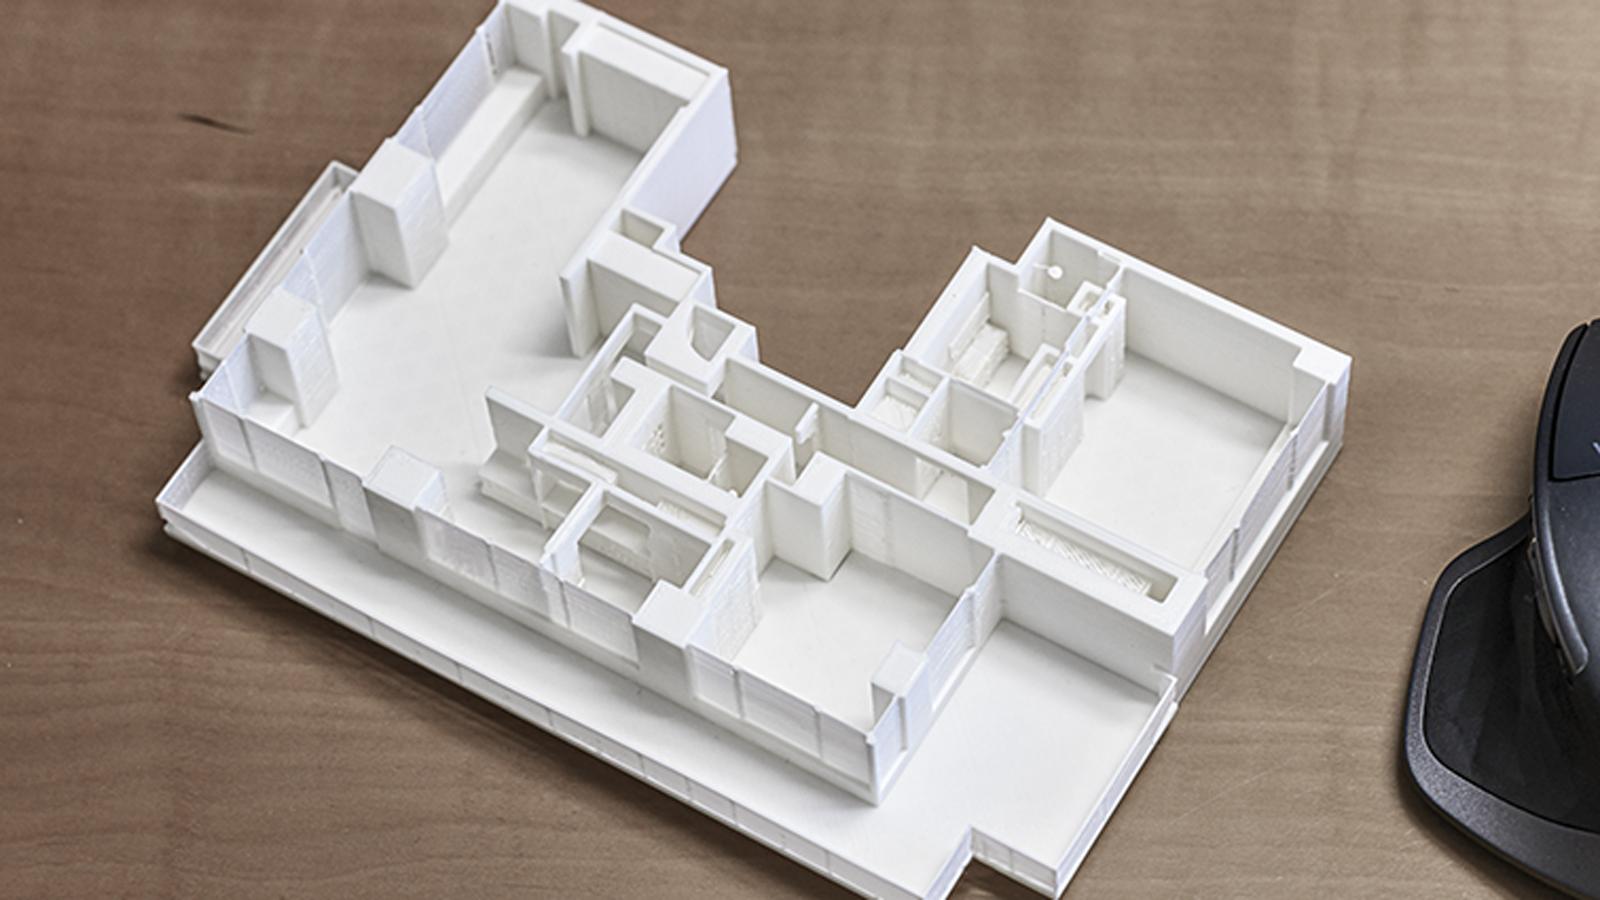 CSDK Architectes Bureaux Imprimante3D 3 - Maquette 3D - Impression - CSDK Architectes Bureaux Imprimante3D 3